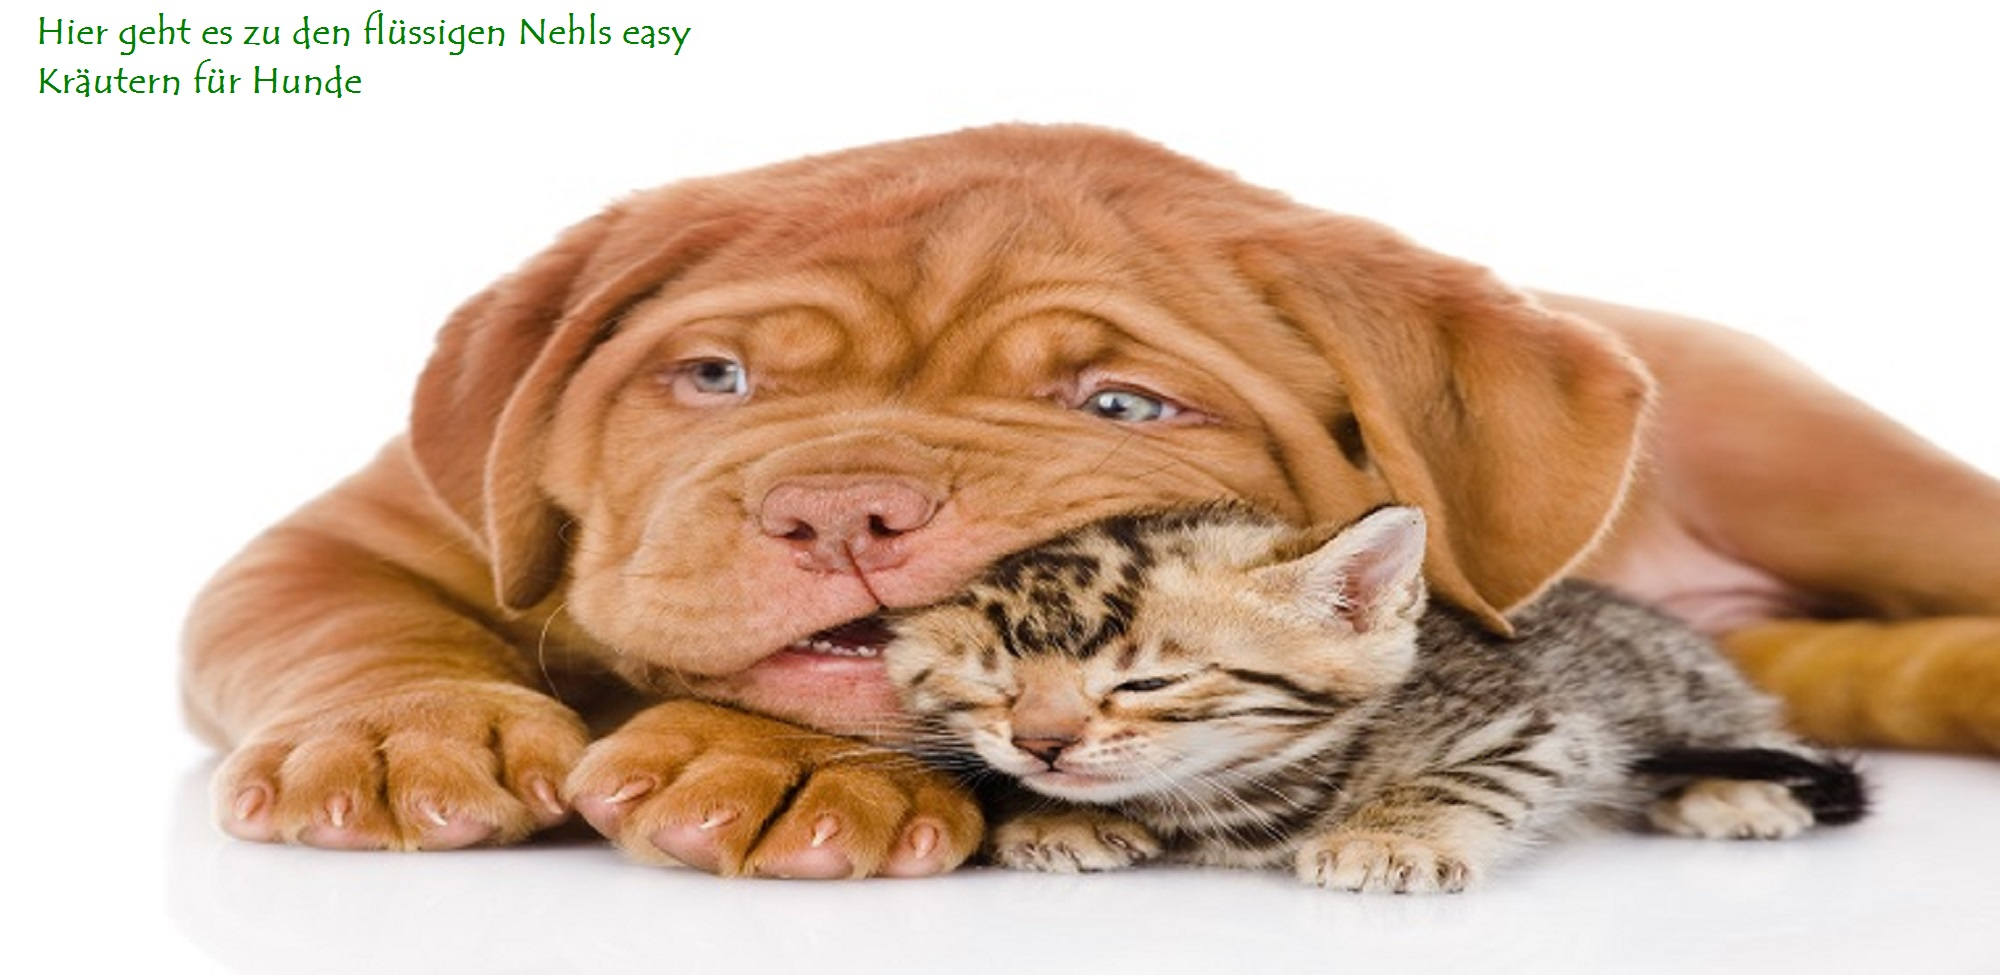 Epilepsie bei Hunden